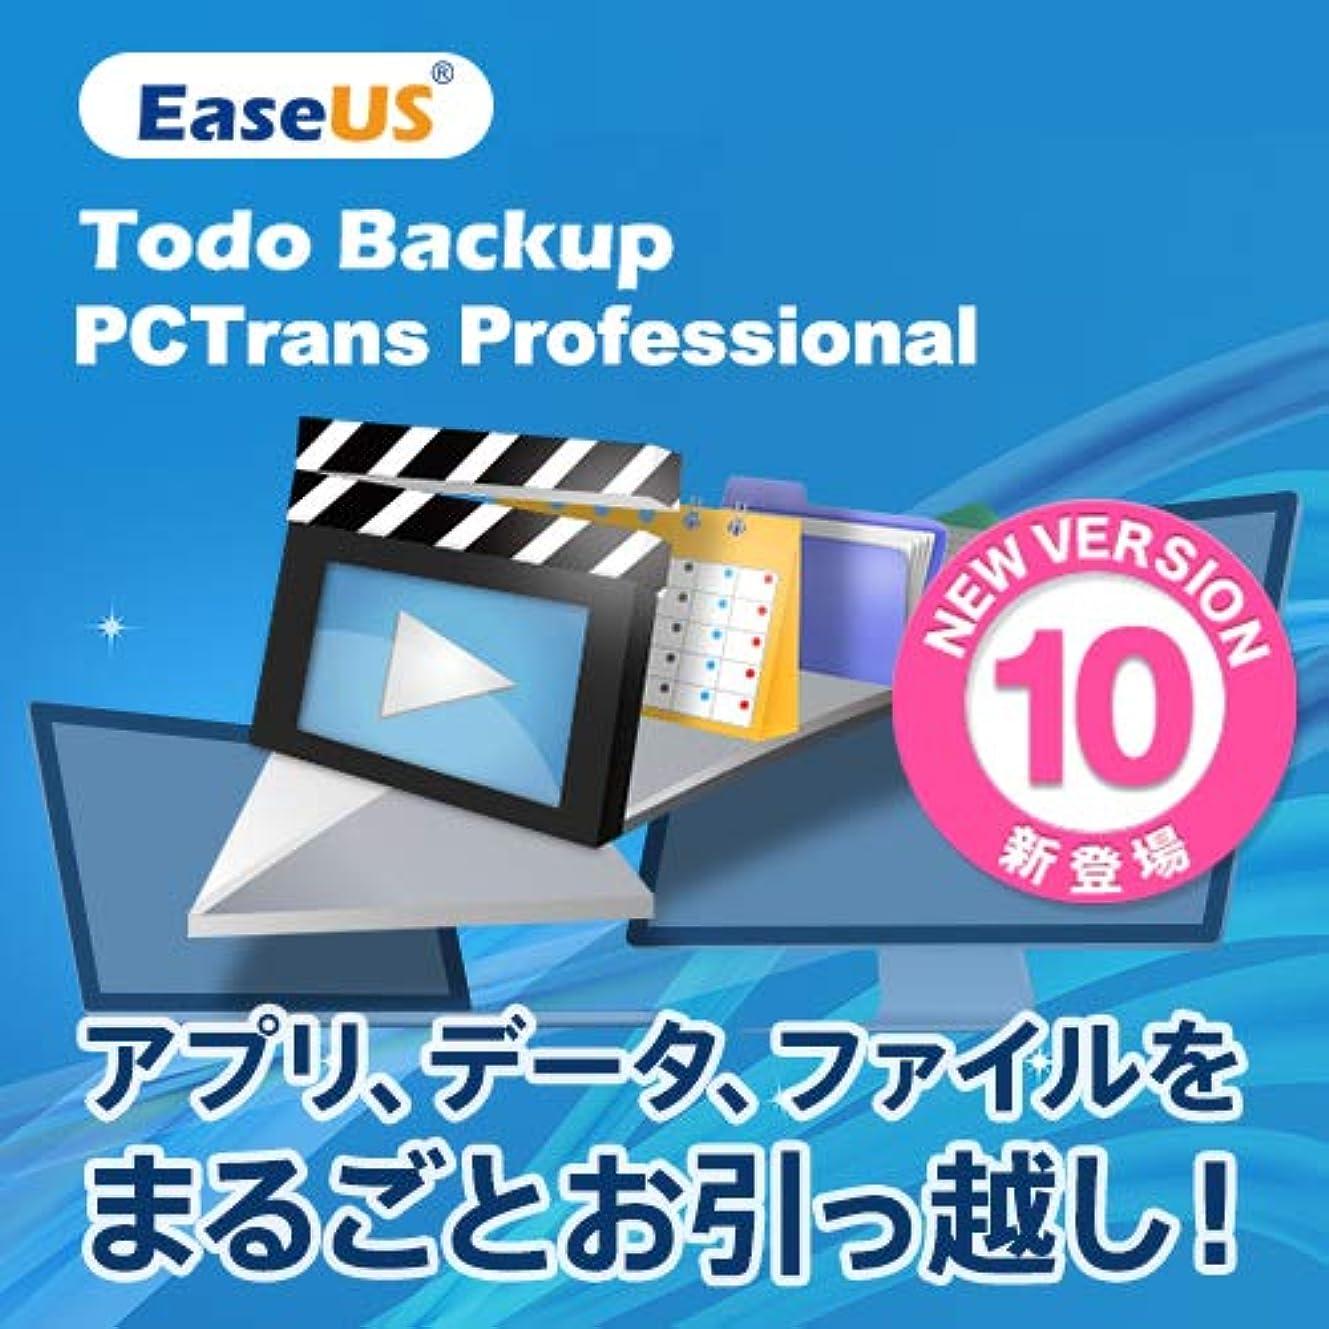 約安全でない火傷EaseUS Todo PCTrans 10 Professional 1ライセンス【今のパソコンから別のパソコンへ、アプリ、データ、ファイルをまるごとお引越し! 】 ダウンロード版